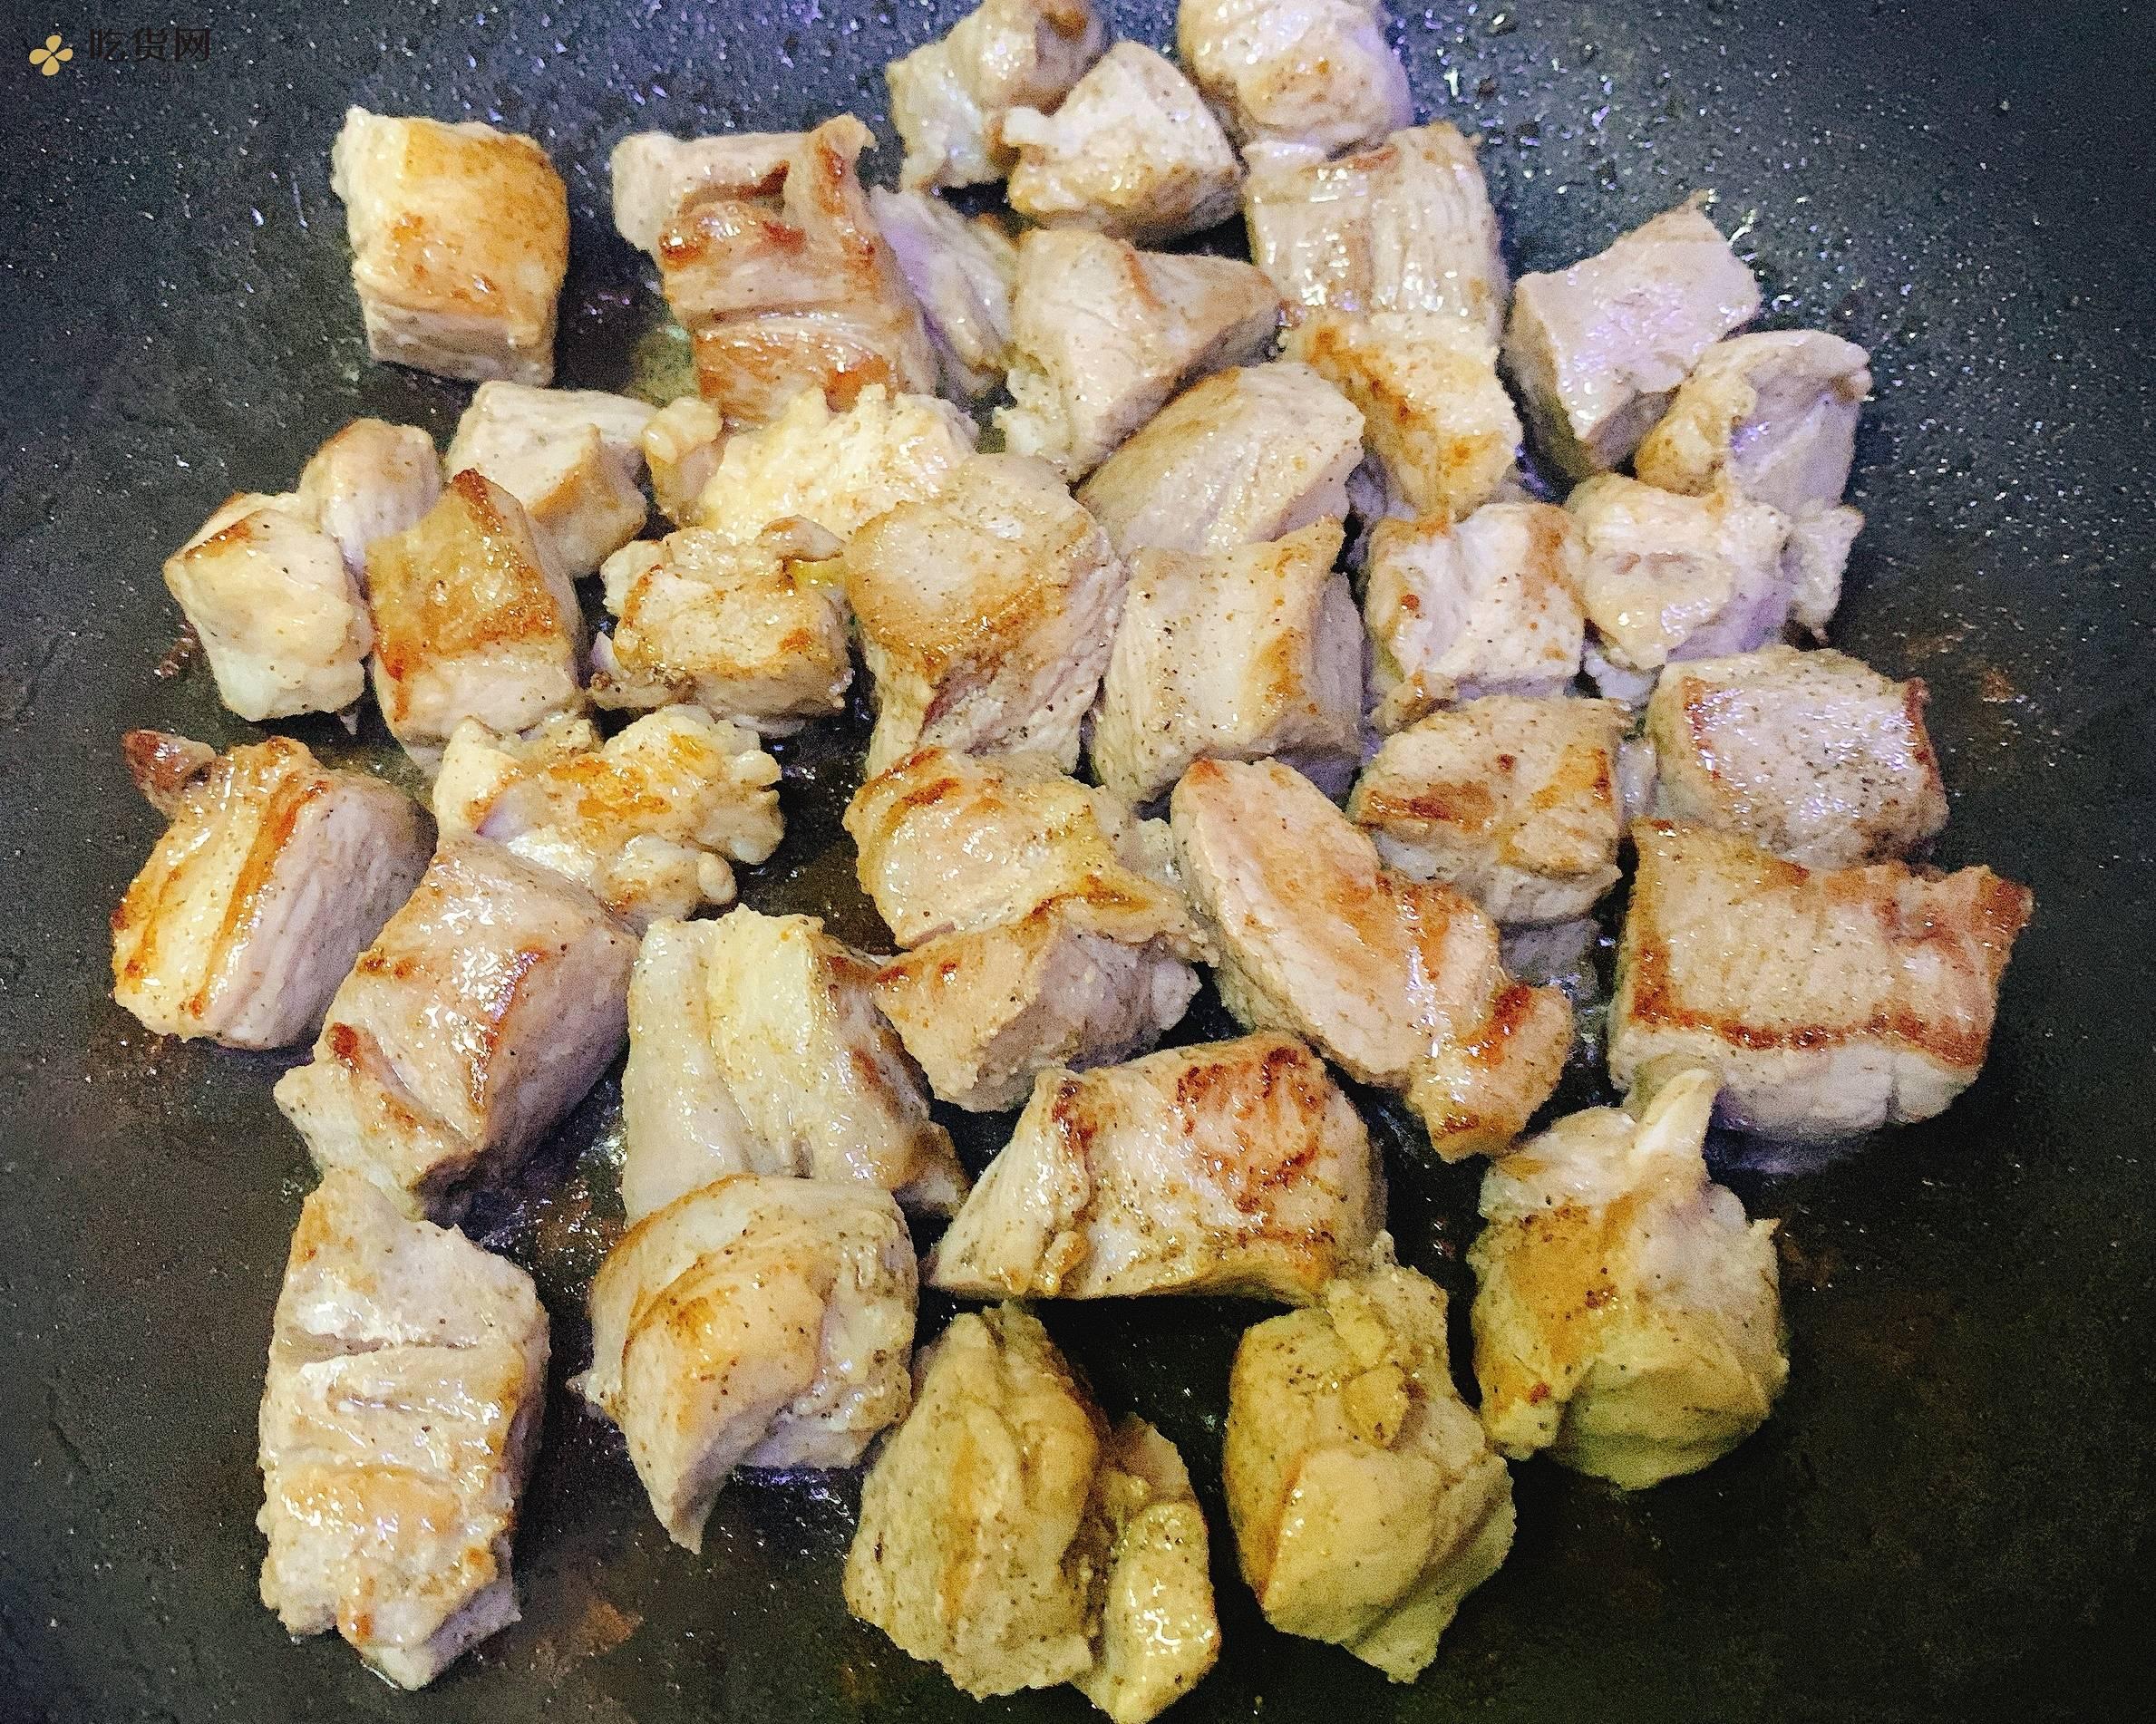 『有机酸菜&黑毛猪颈肉』——生酮饮食减肥餐的做法 步骤3